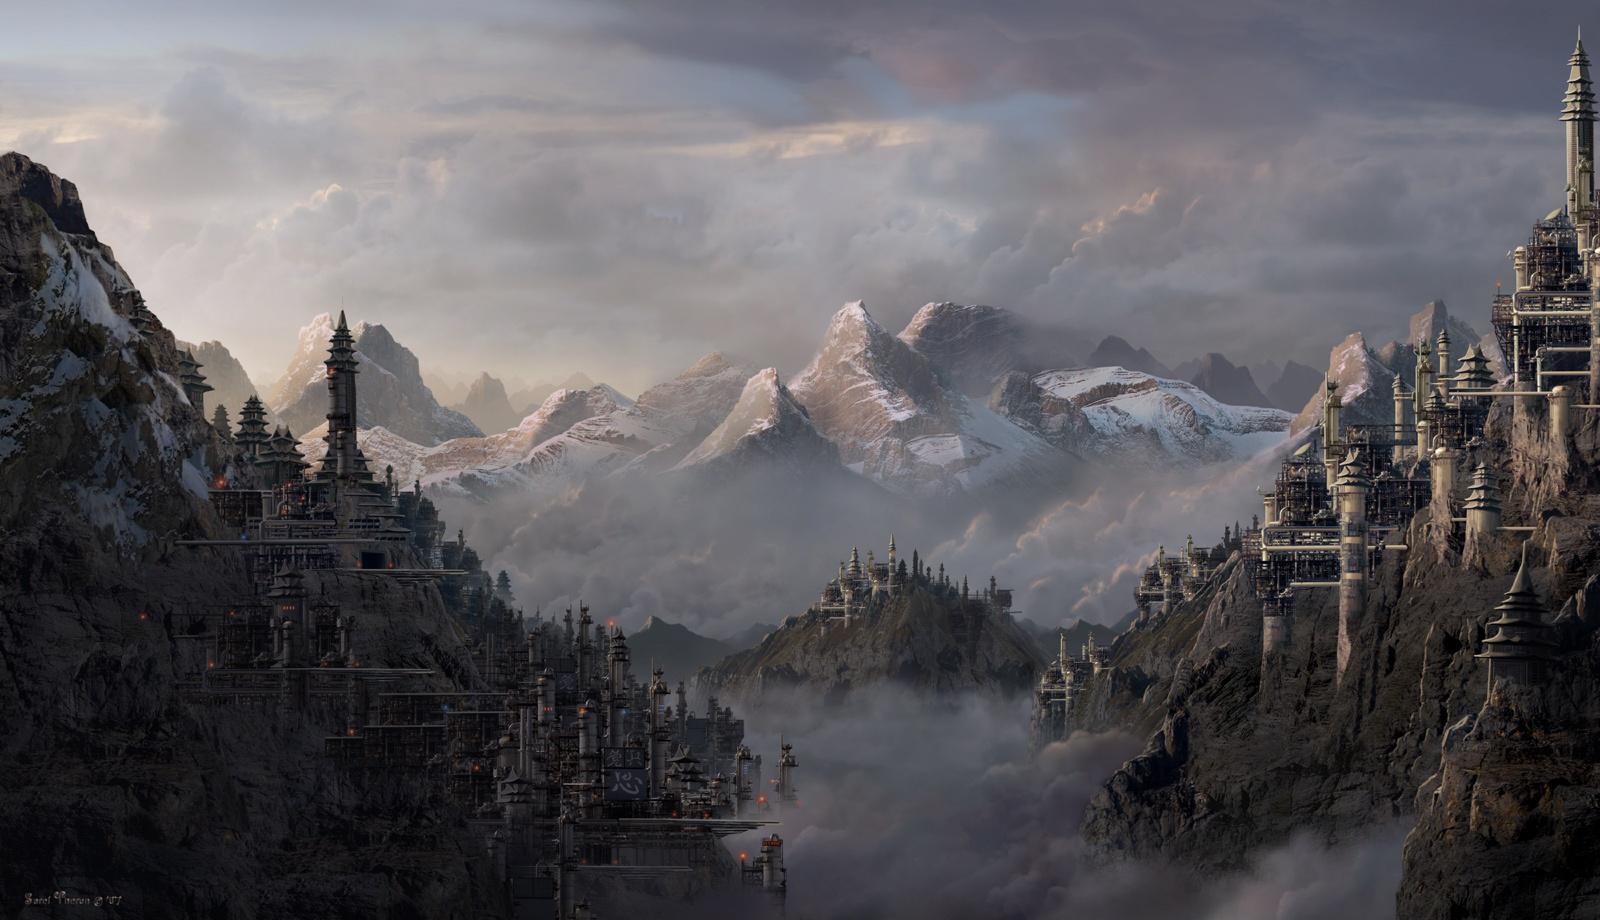 Fondo De Escritorio Montañas Nevadas: Wallpaper De Una Ciudad En Montañas Nevadas